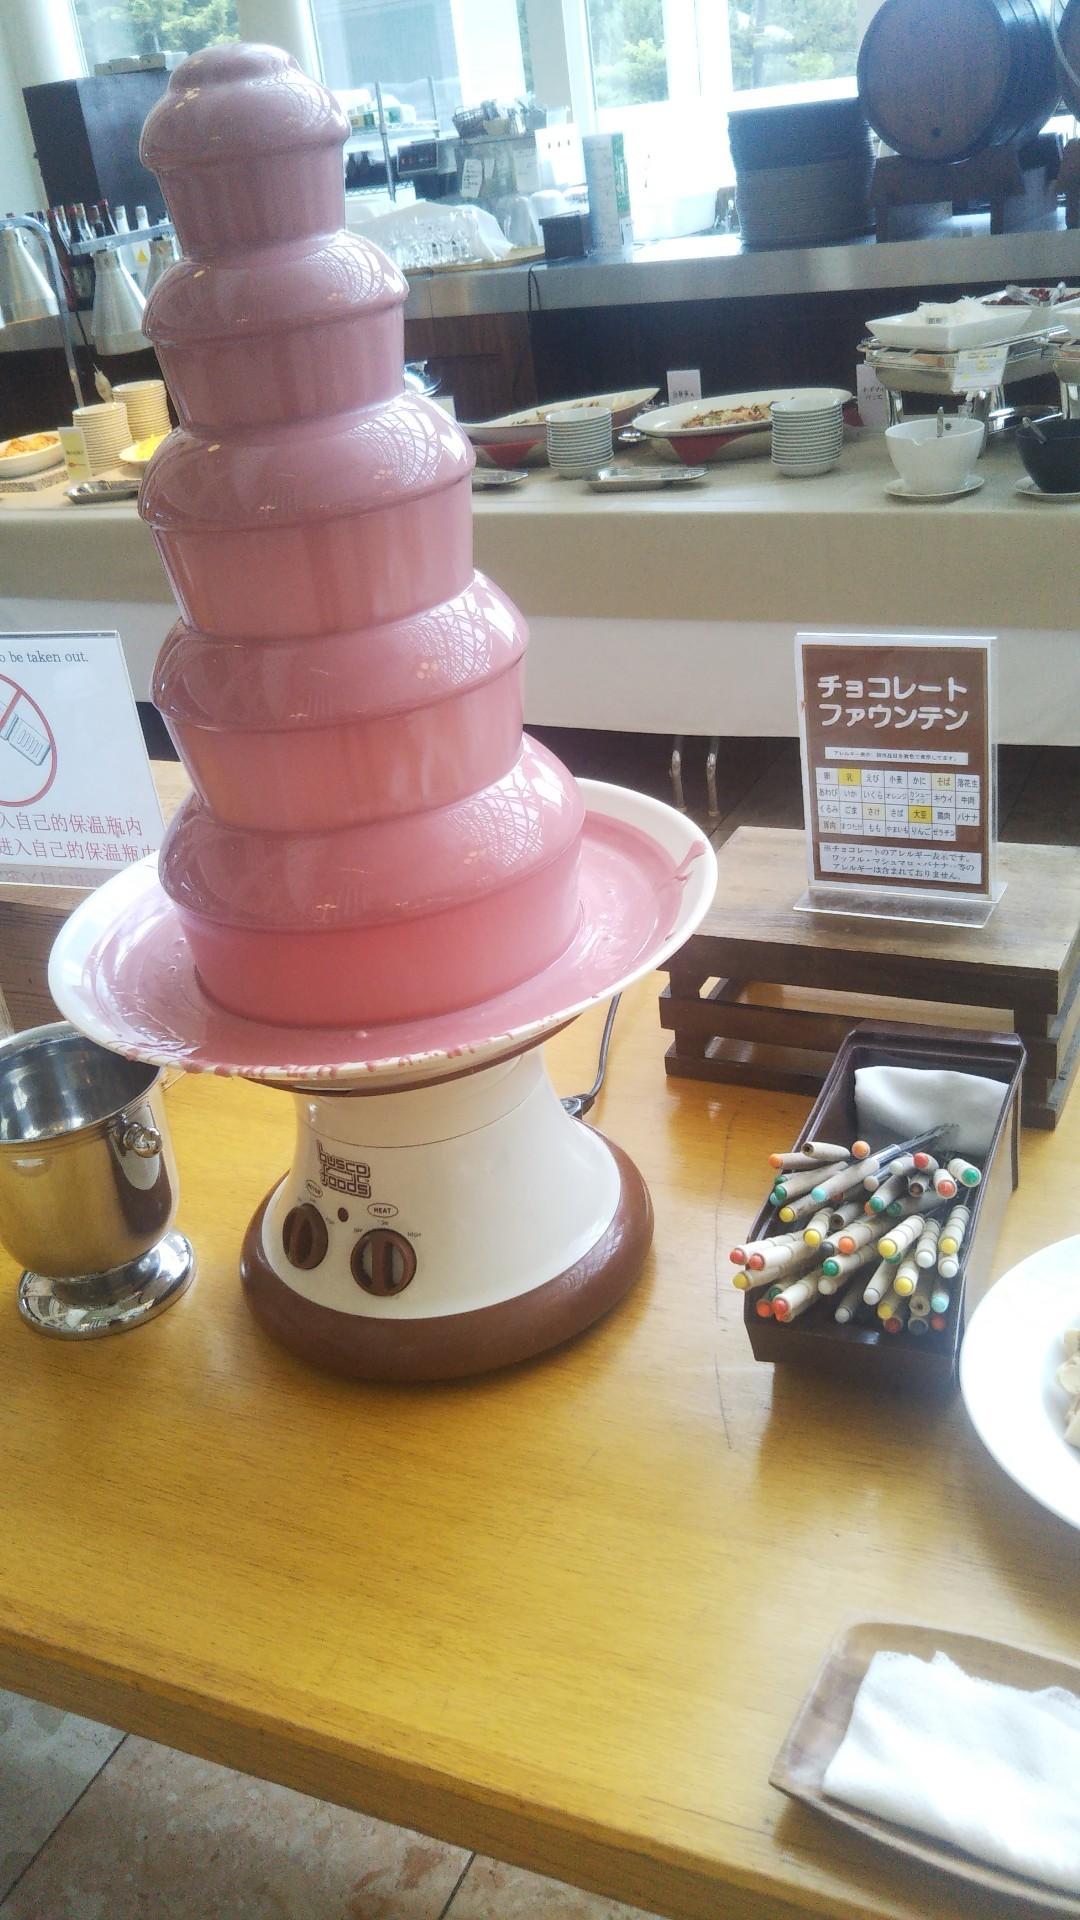 シャトレーゼ ガトーキングダムサッポロ ヴィーニュ Dessert Buffet~夏のべジスイーツフェア~_f0076001_23441177.jpg